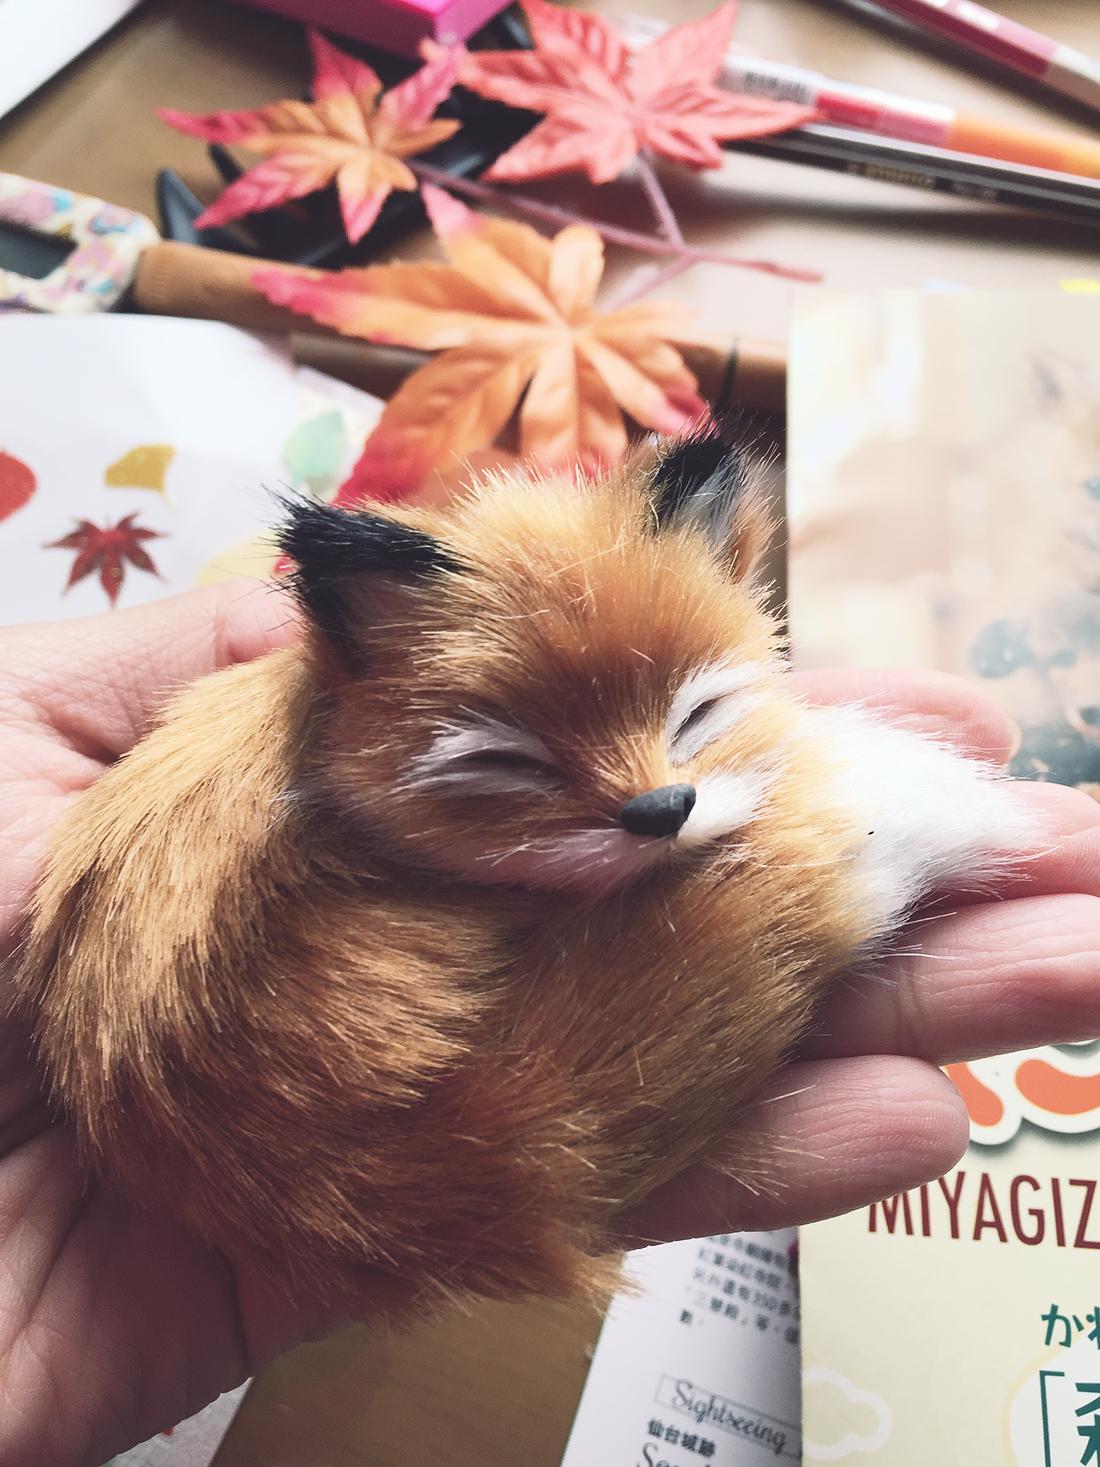 miyagi-zao-fox-village-rainbowholic-160